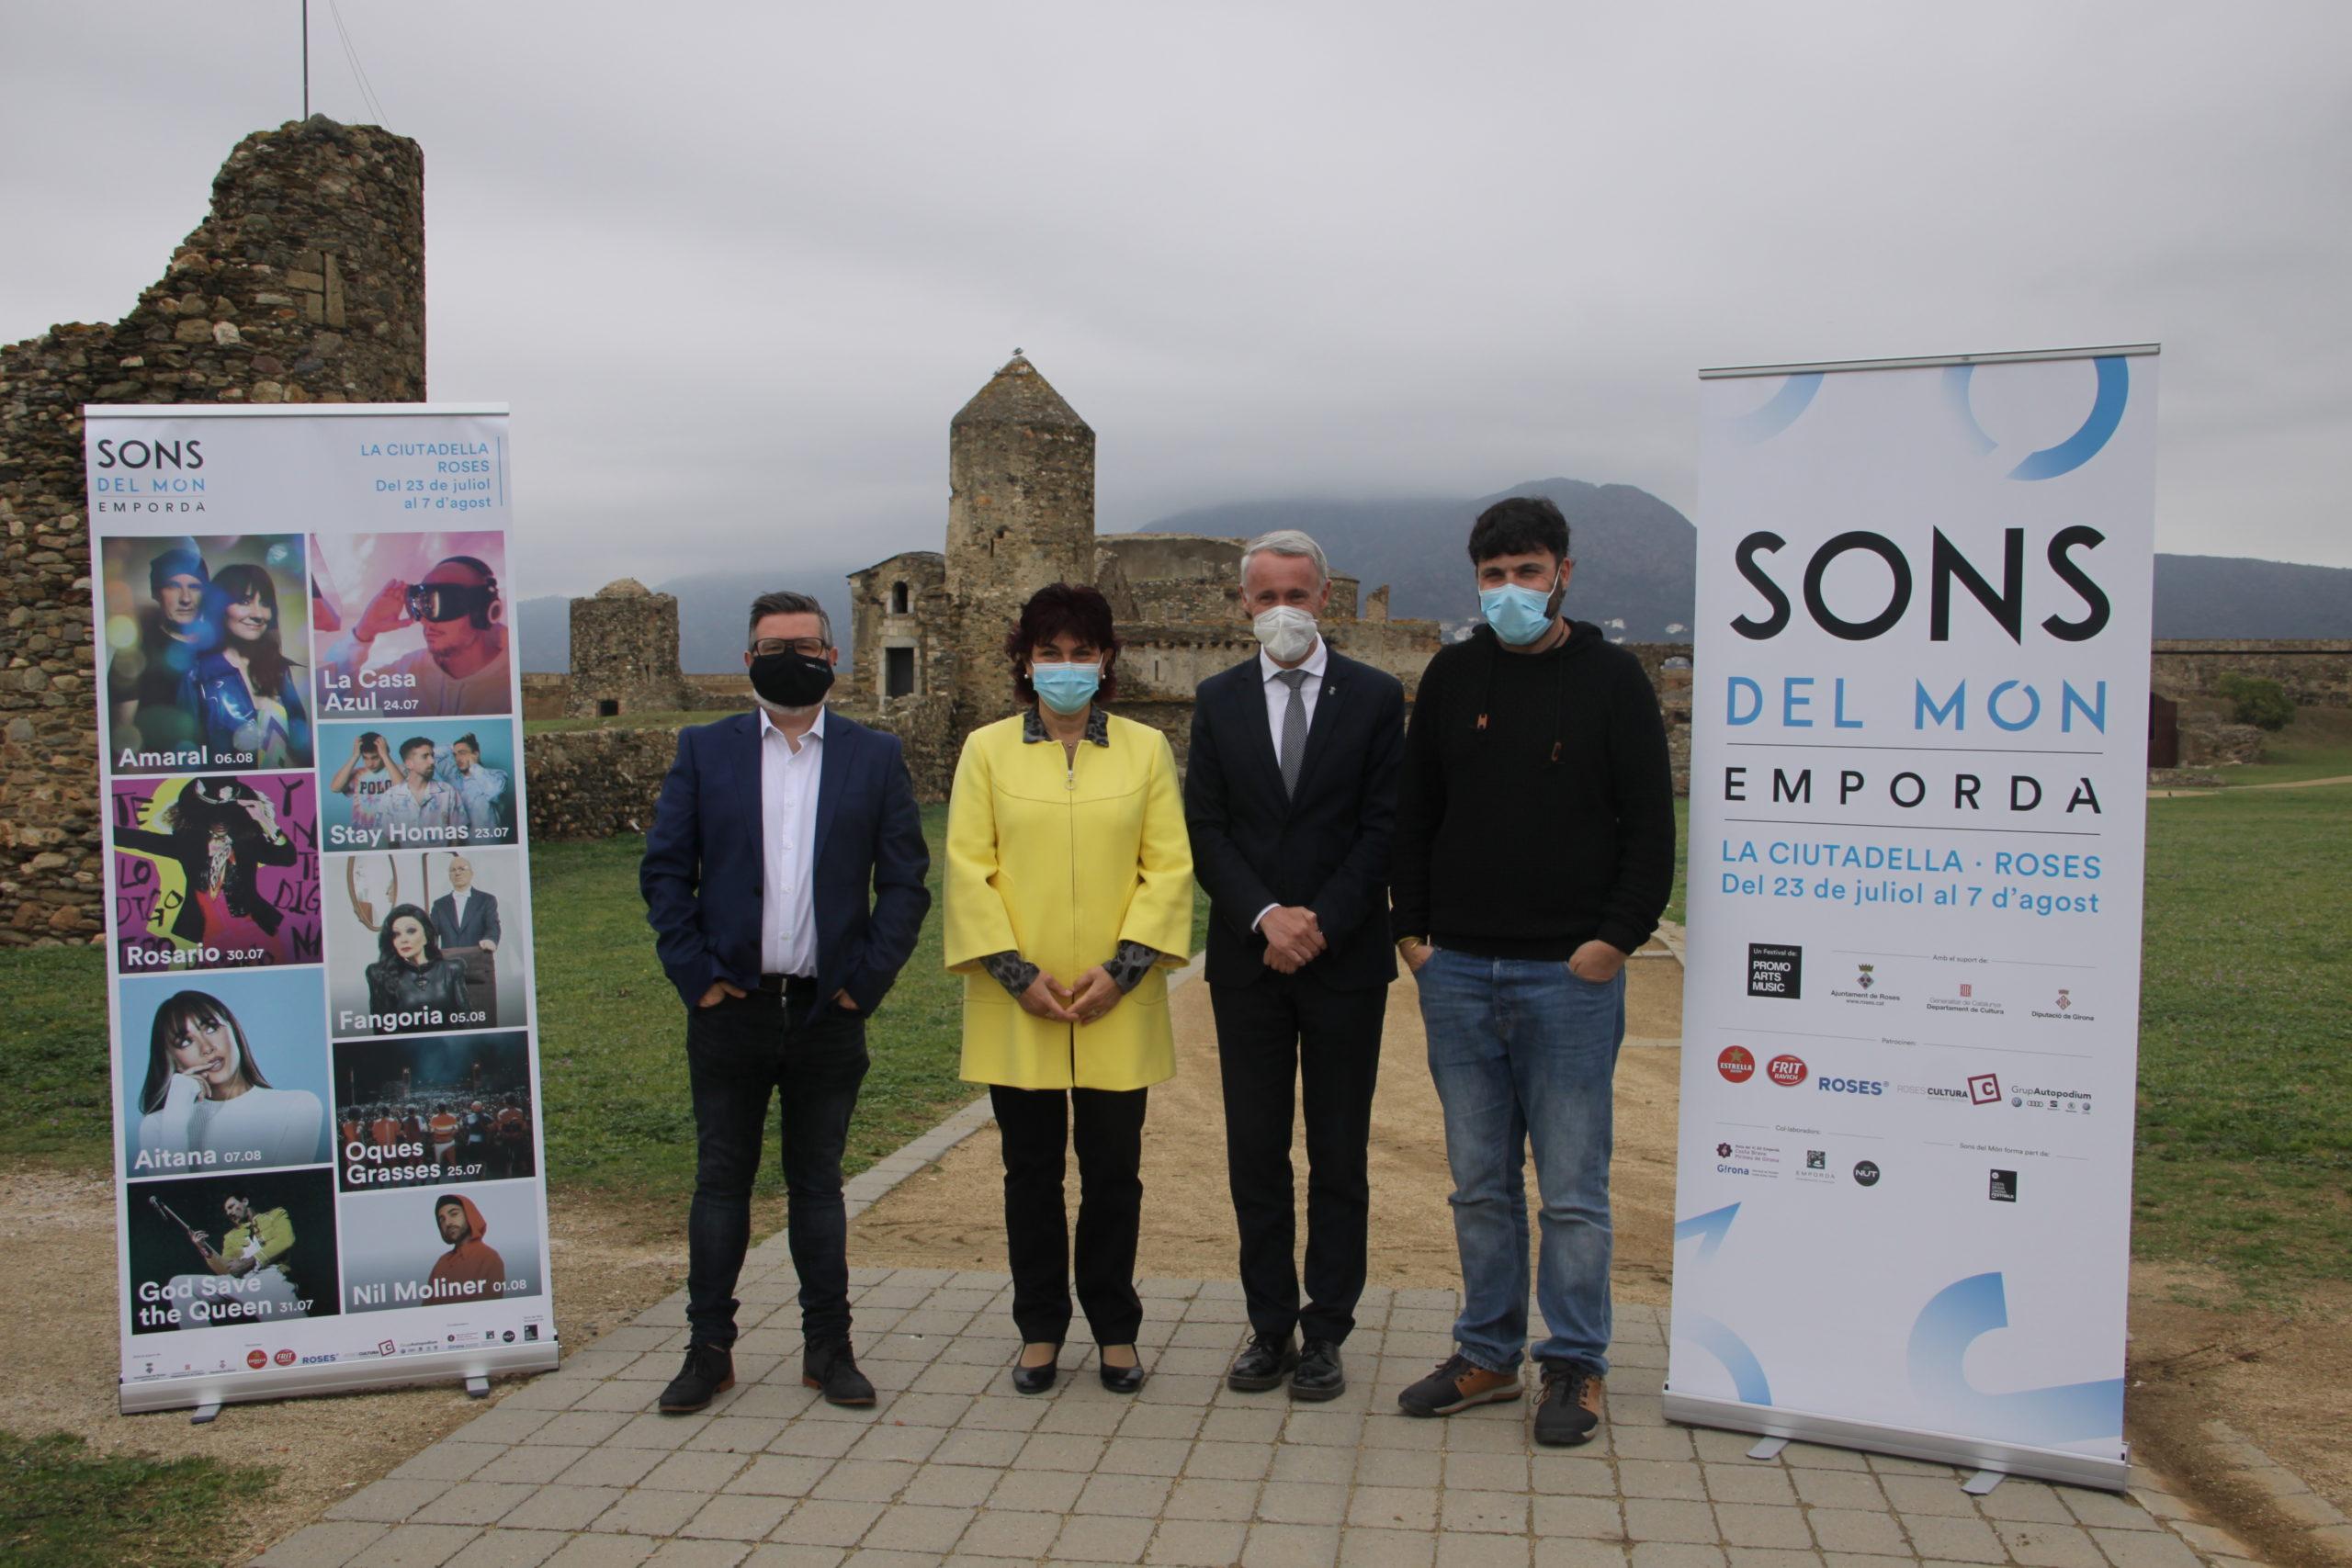 El festival Sons del Món tornarà a vibrar a la Ciutadella del 23 de juliol al 7 d'agost